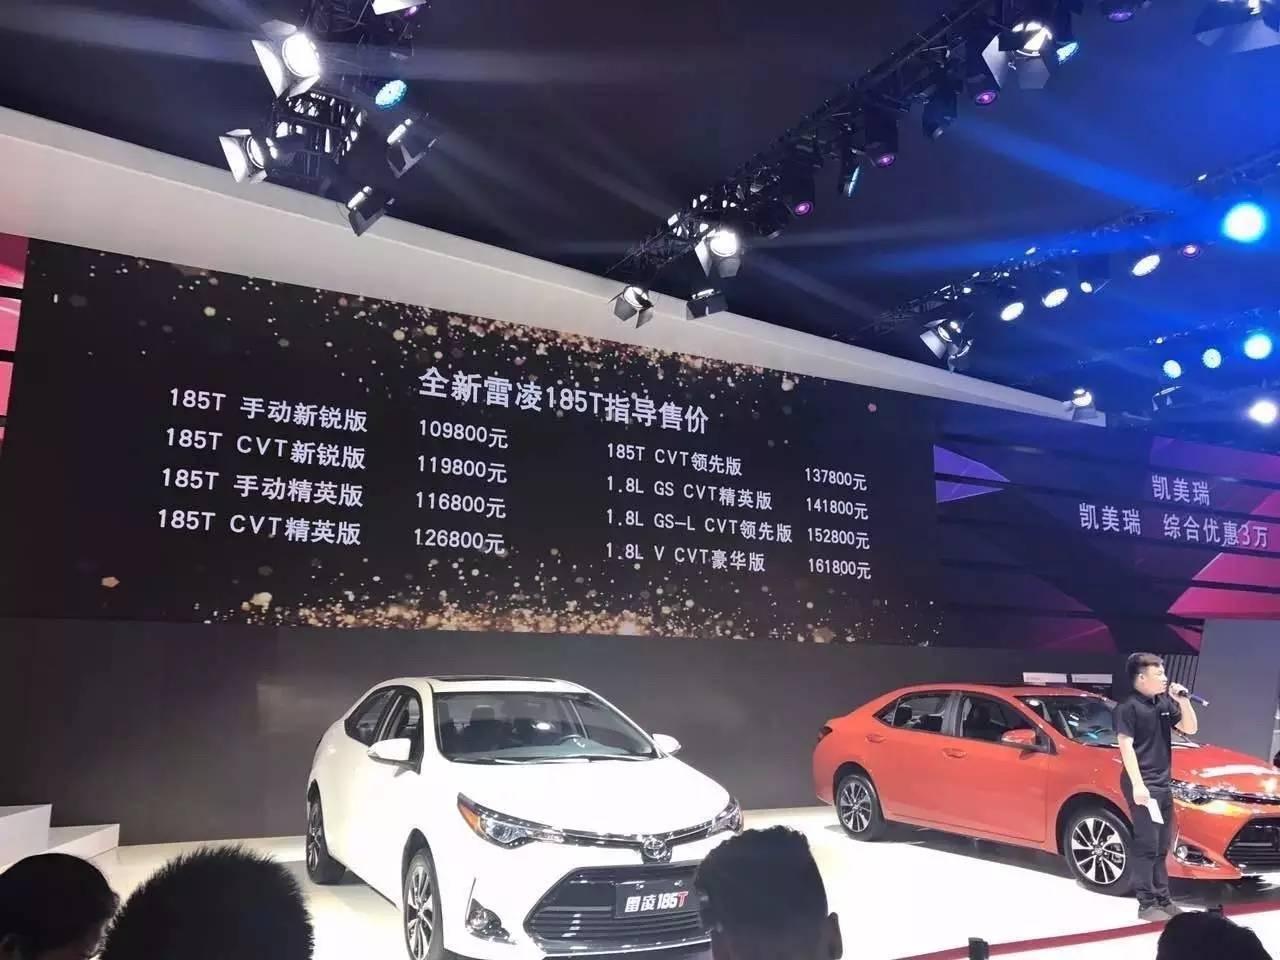 """新雷凌""""全擎家族""""发布丰田推出""""电池无忧计划"""""""""""